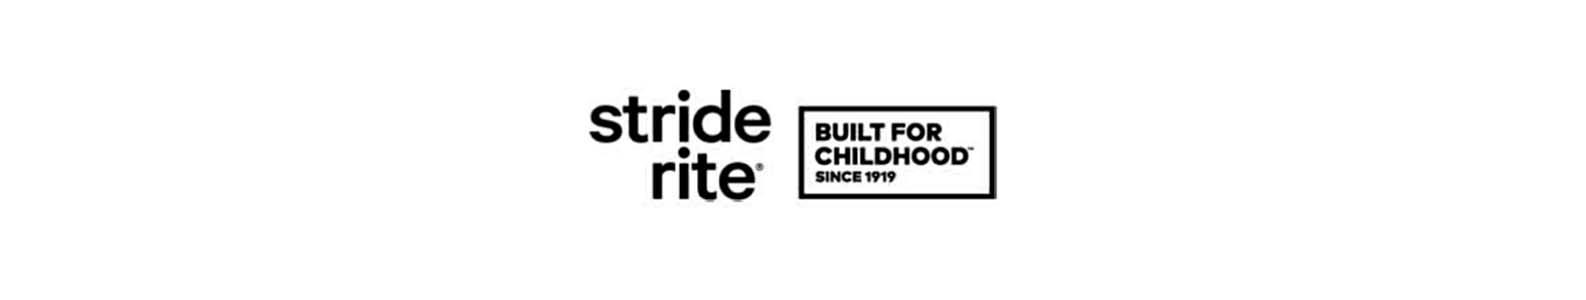 Stride Rite brand header image